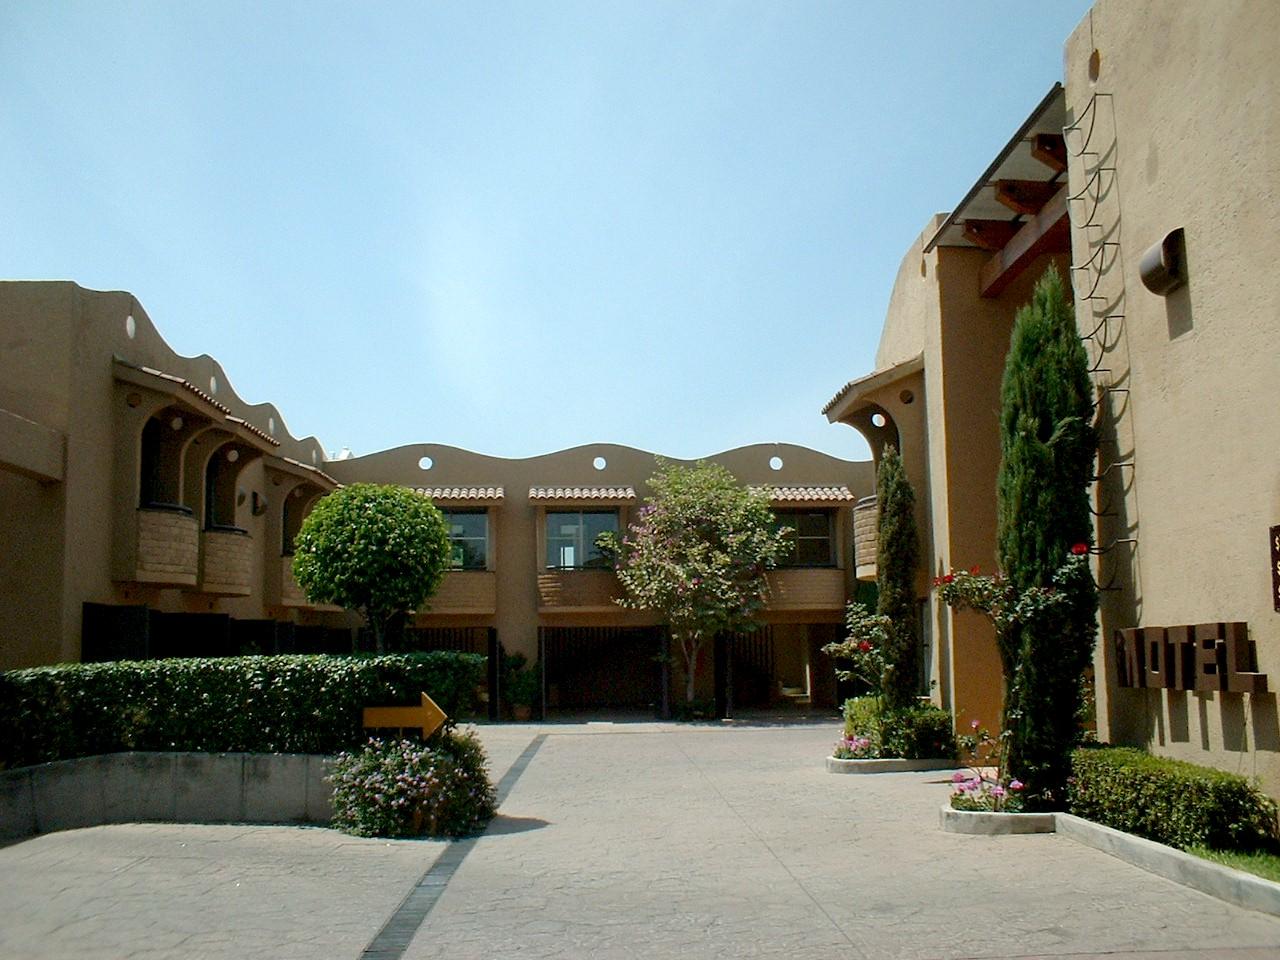 HOTEL REAL OCOTEPEC